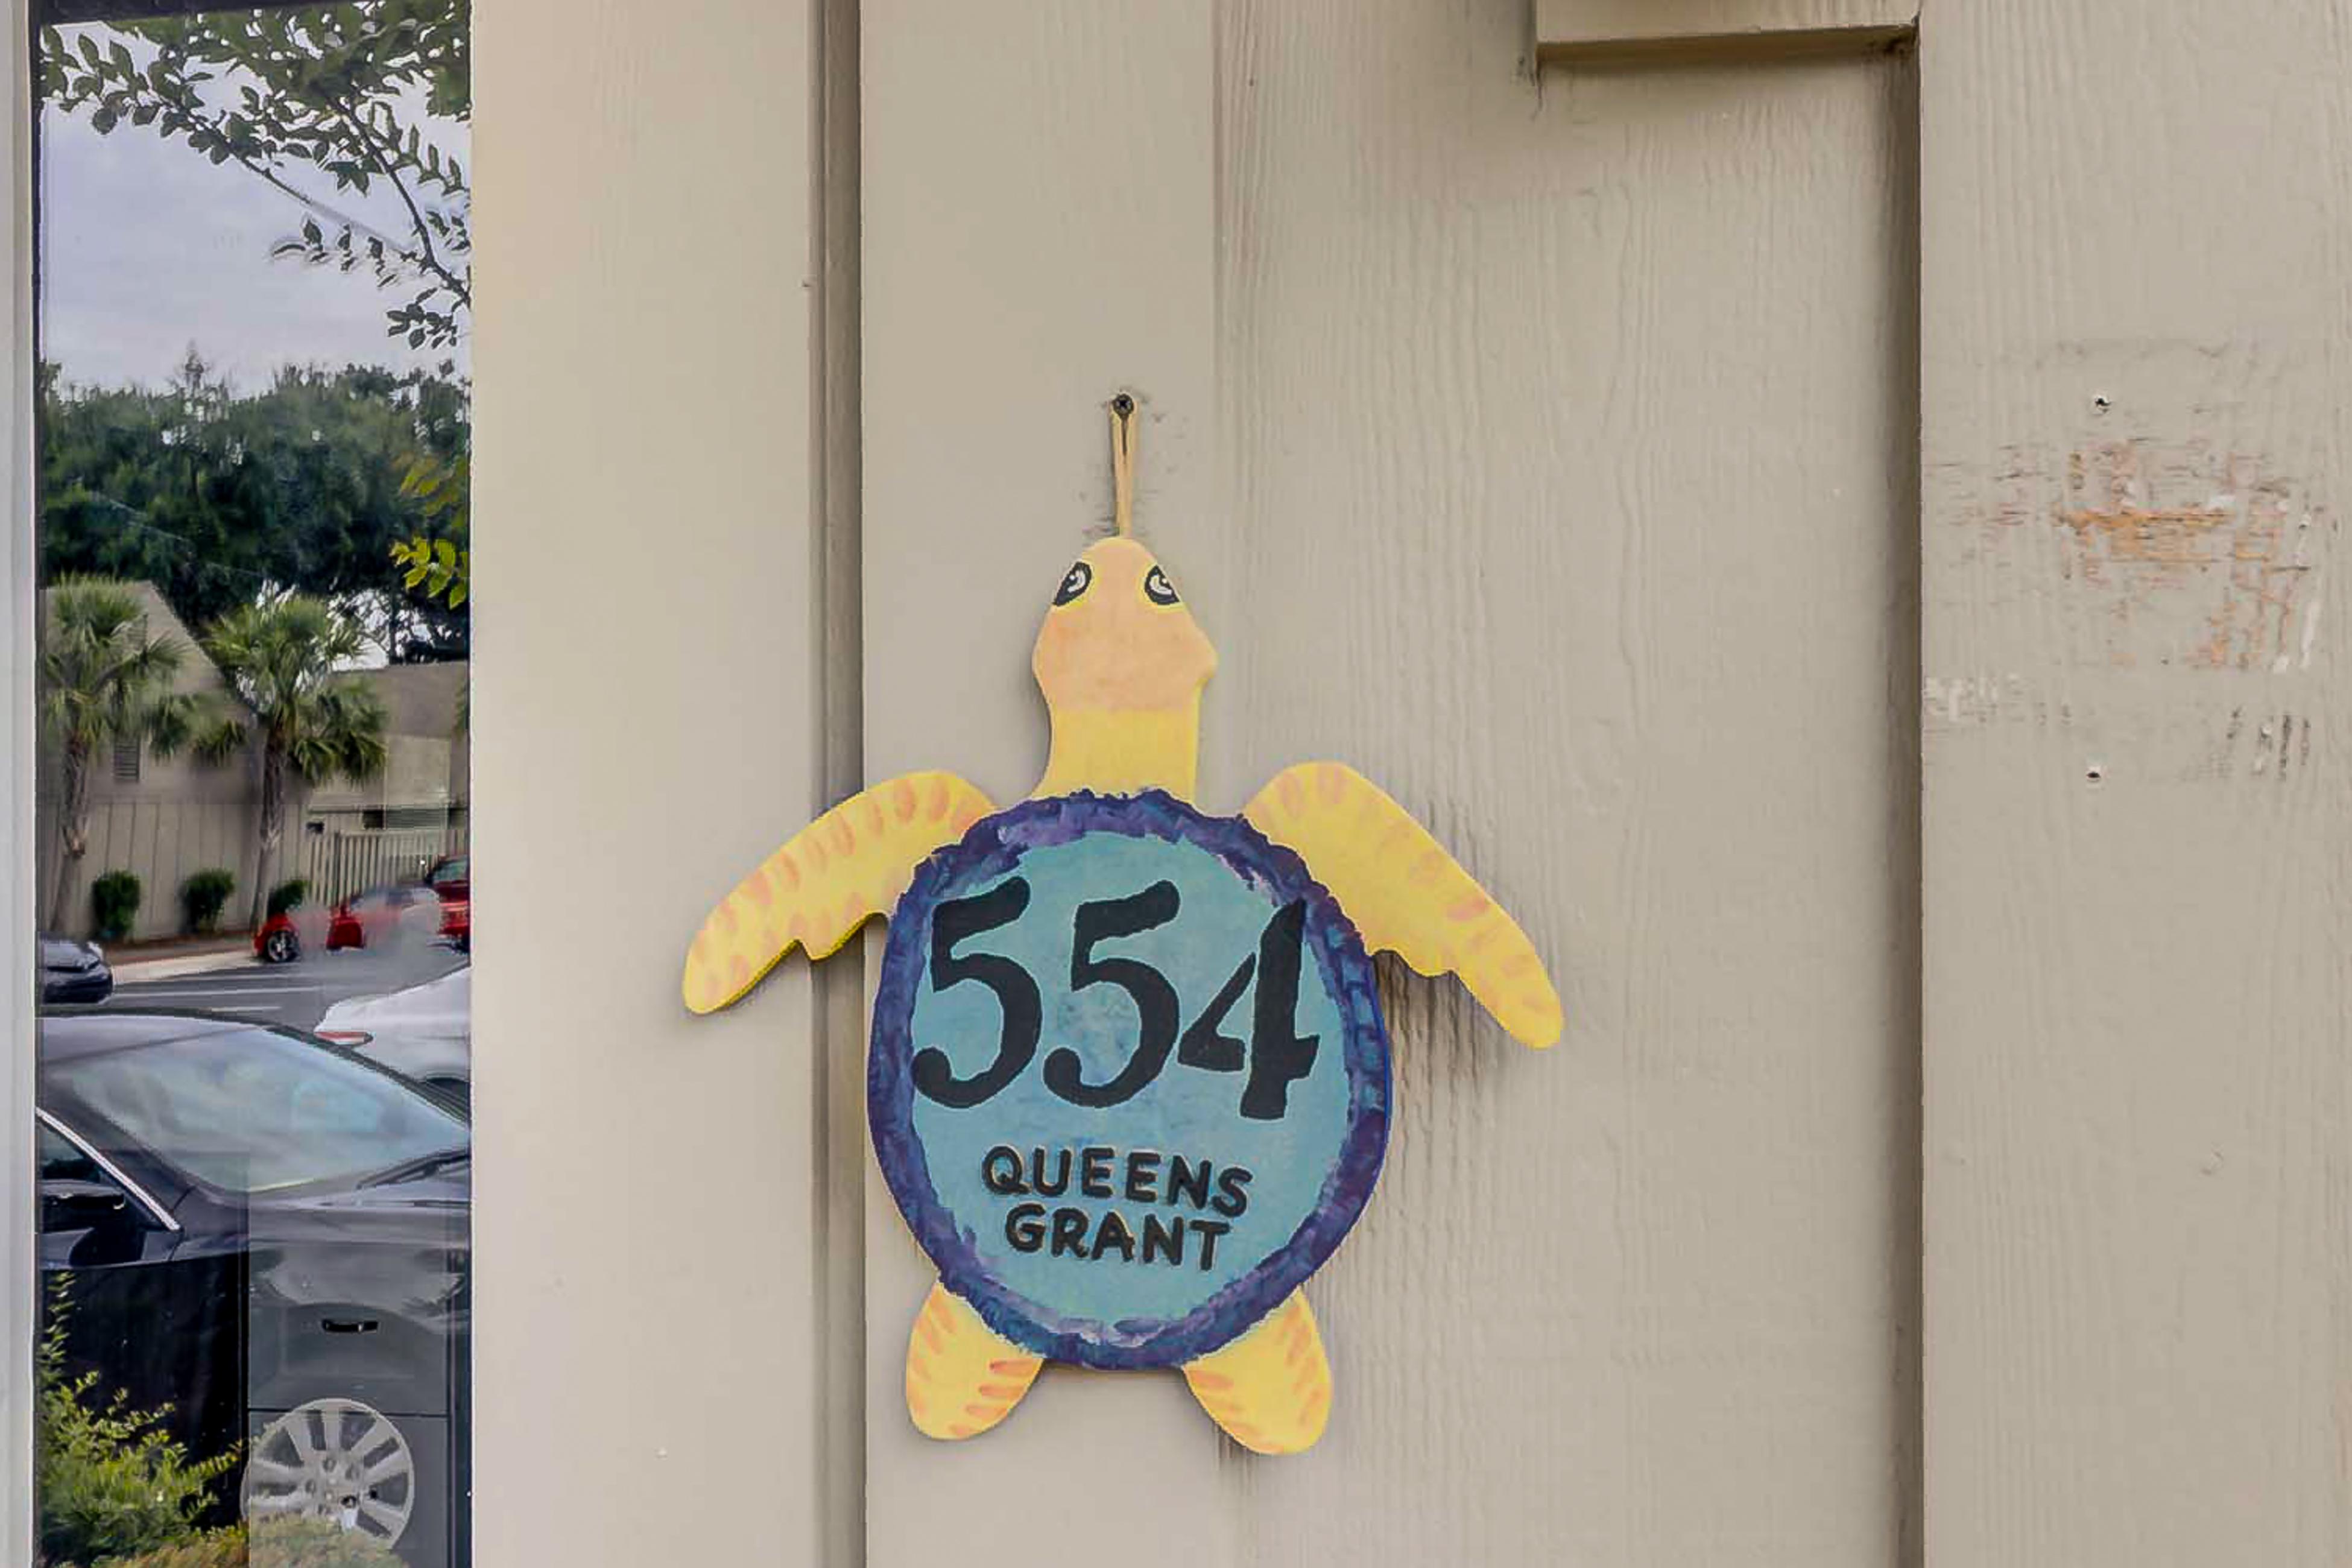 Queens Grant 554 | Photo 15